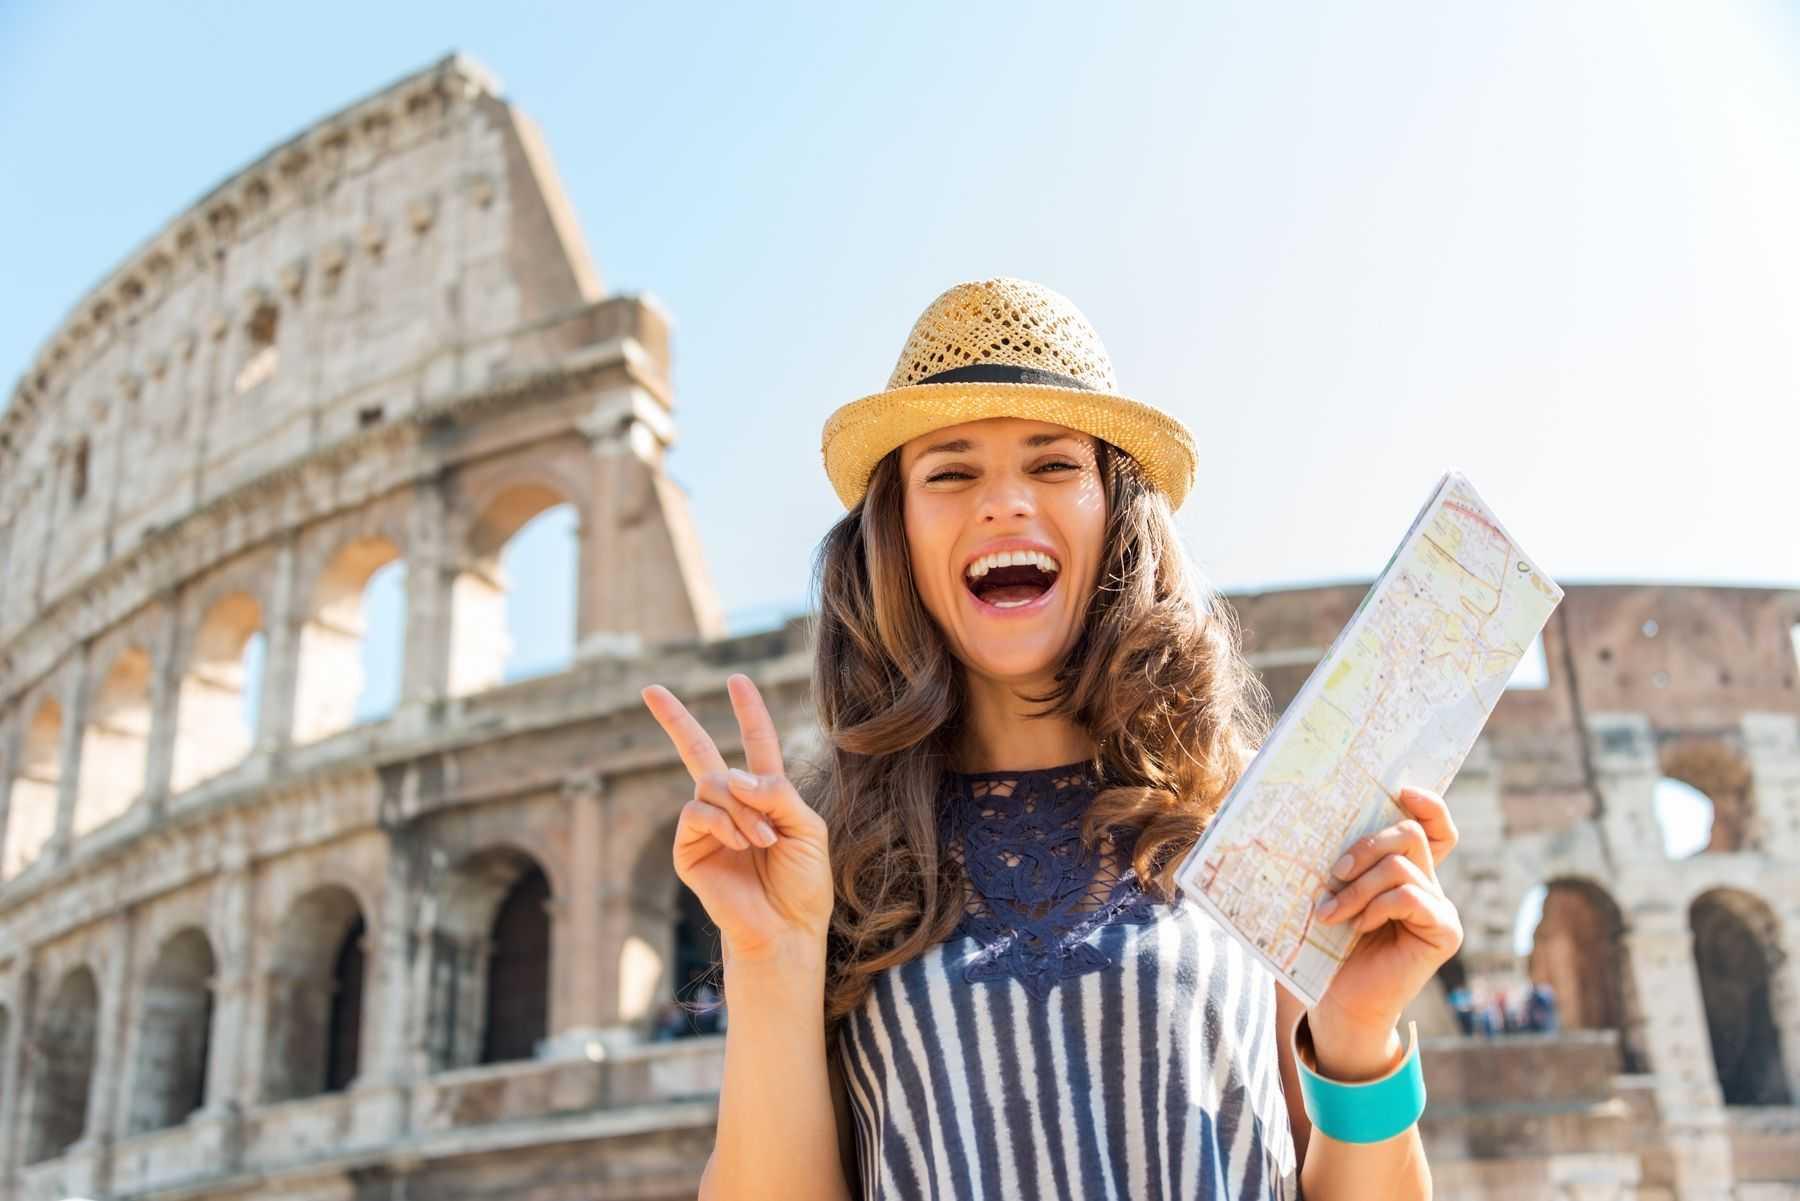 Gražiausi Italijos miestai pažintinėje kelionėje! Kelionė autobusu, 7 n. viešbutyje su maitinimu ir ekskursinė programa!